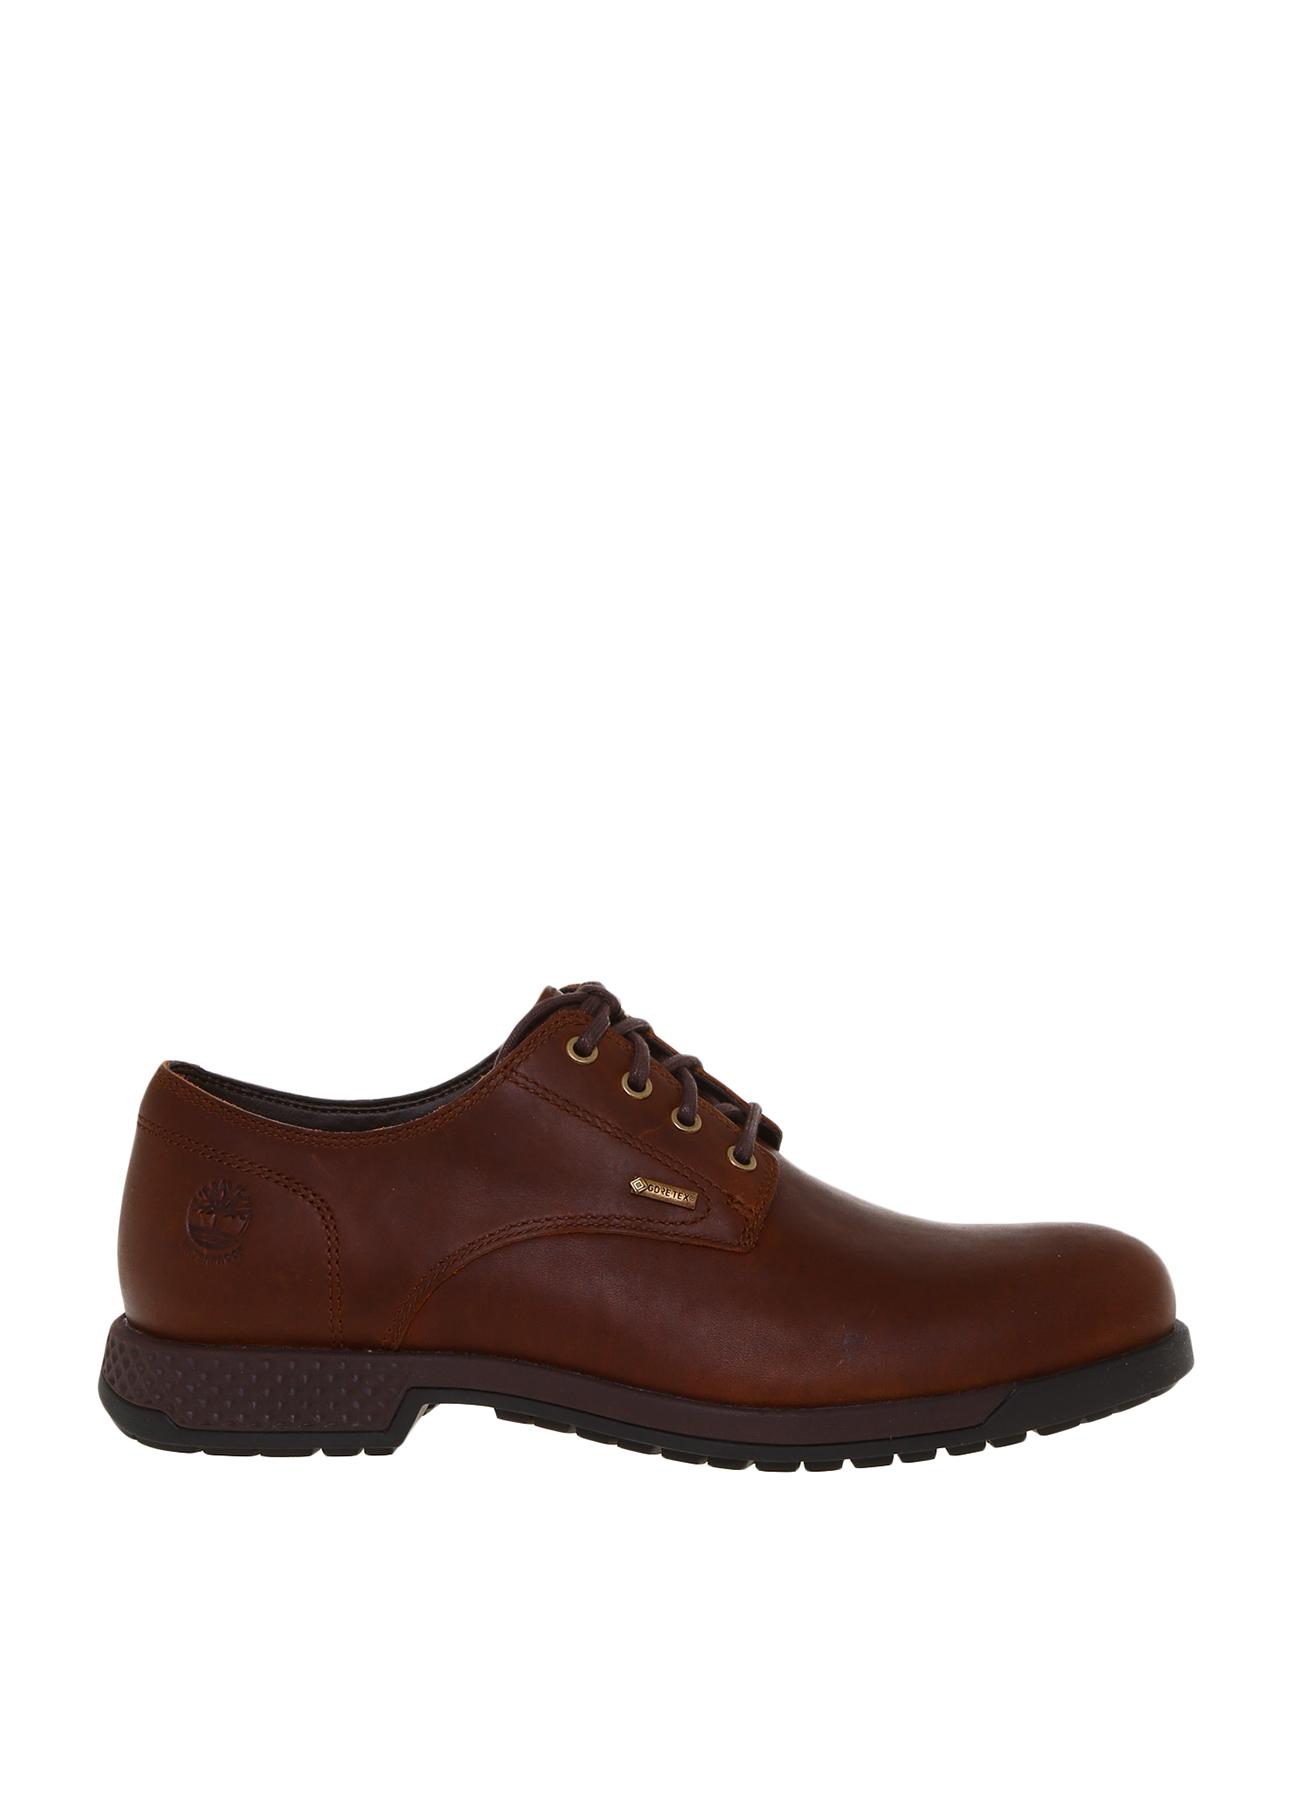 Timberland Tb0A1Snkd251 City S Edge Gtx Oxford Günlük Ayakkabı 44.5 5002340879008 Ürün Resmi